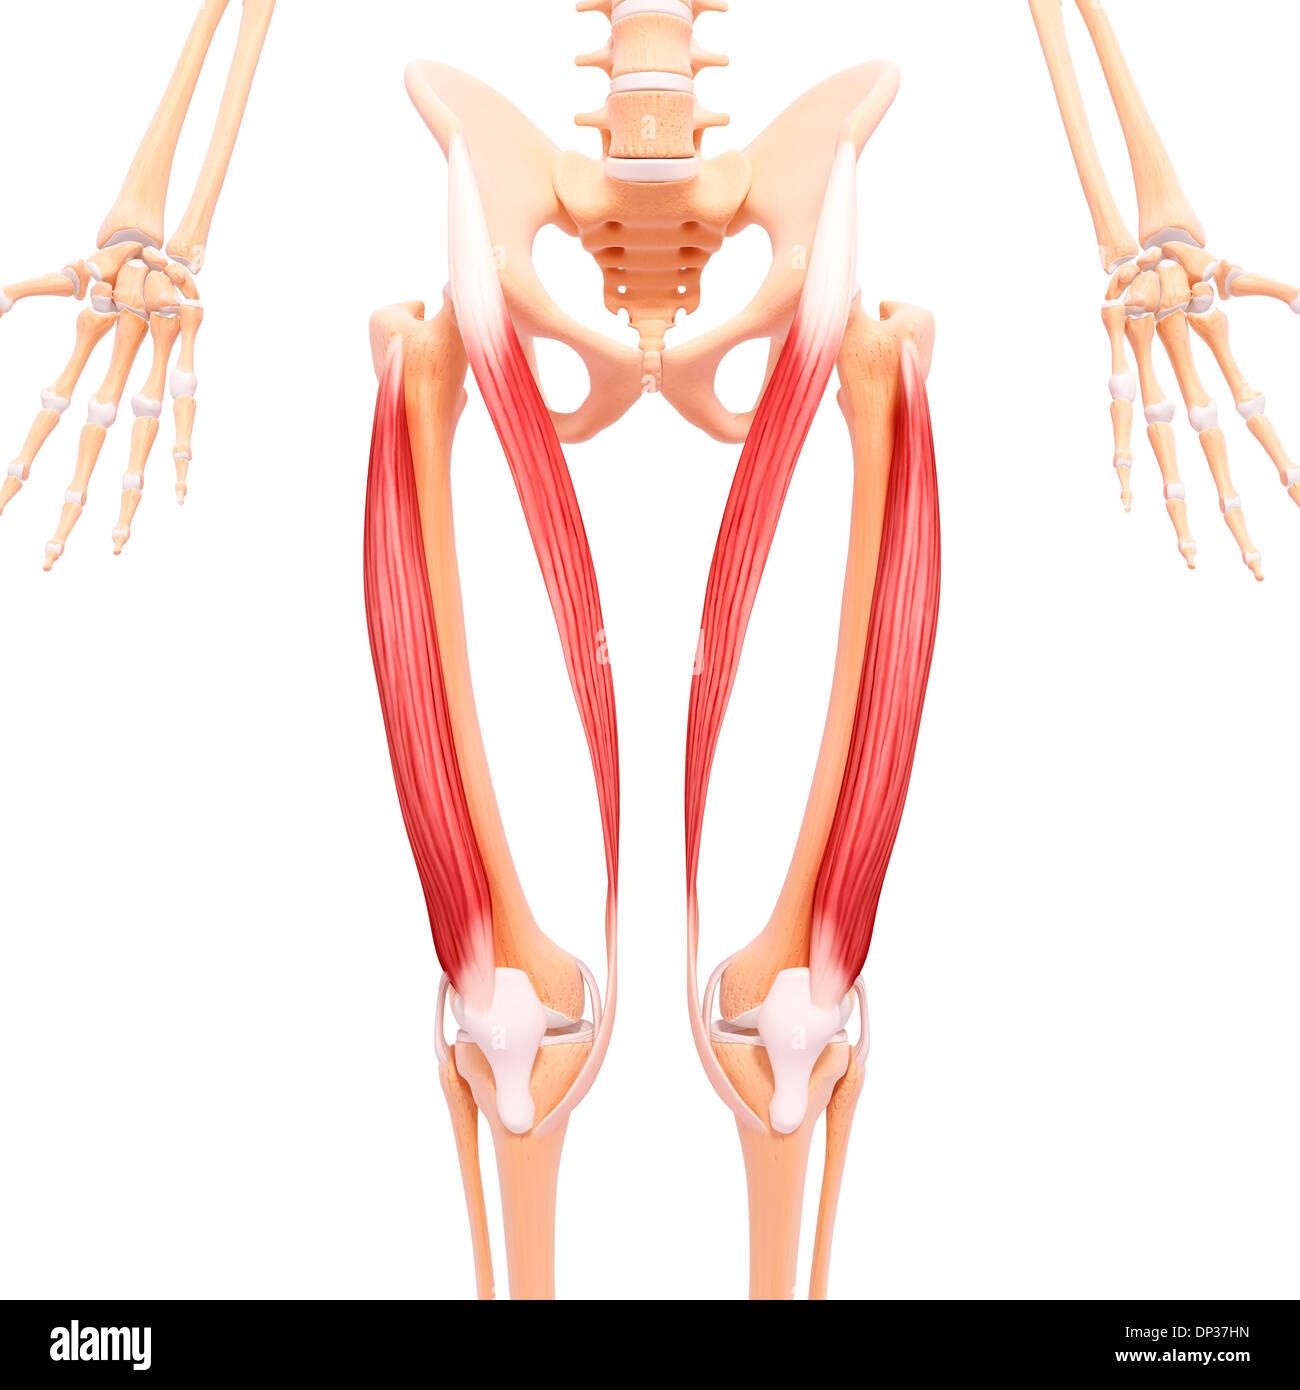 Erfreut Anatomie Hüfte Und Beinmuskeln Bilder - Menschliche Anatomie ...